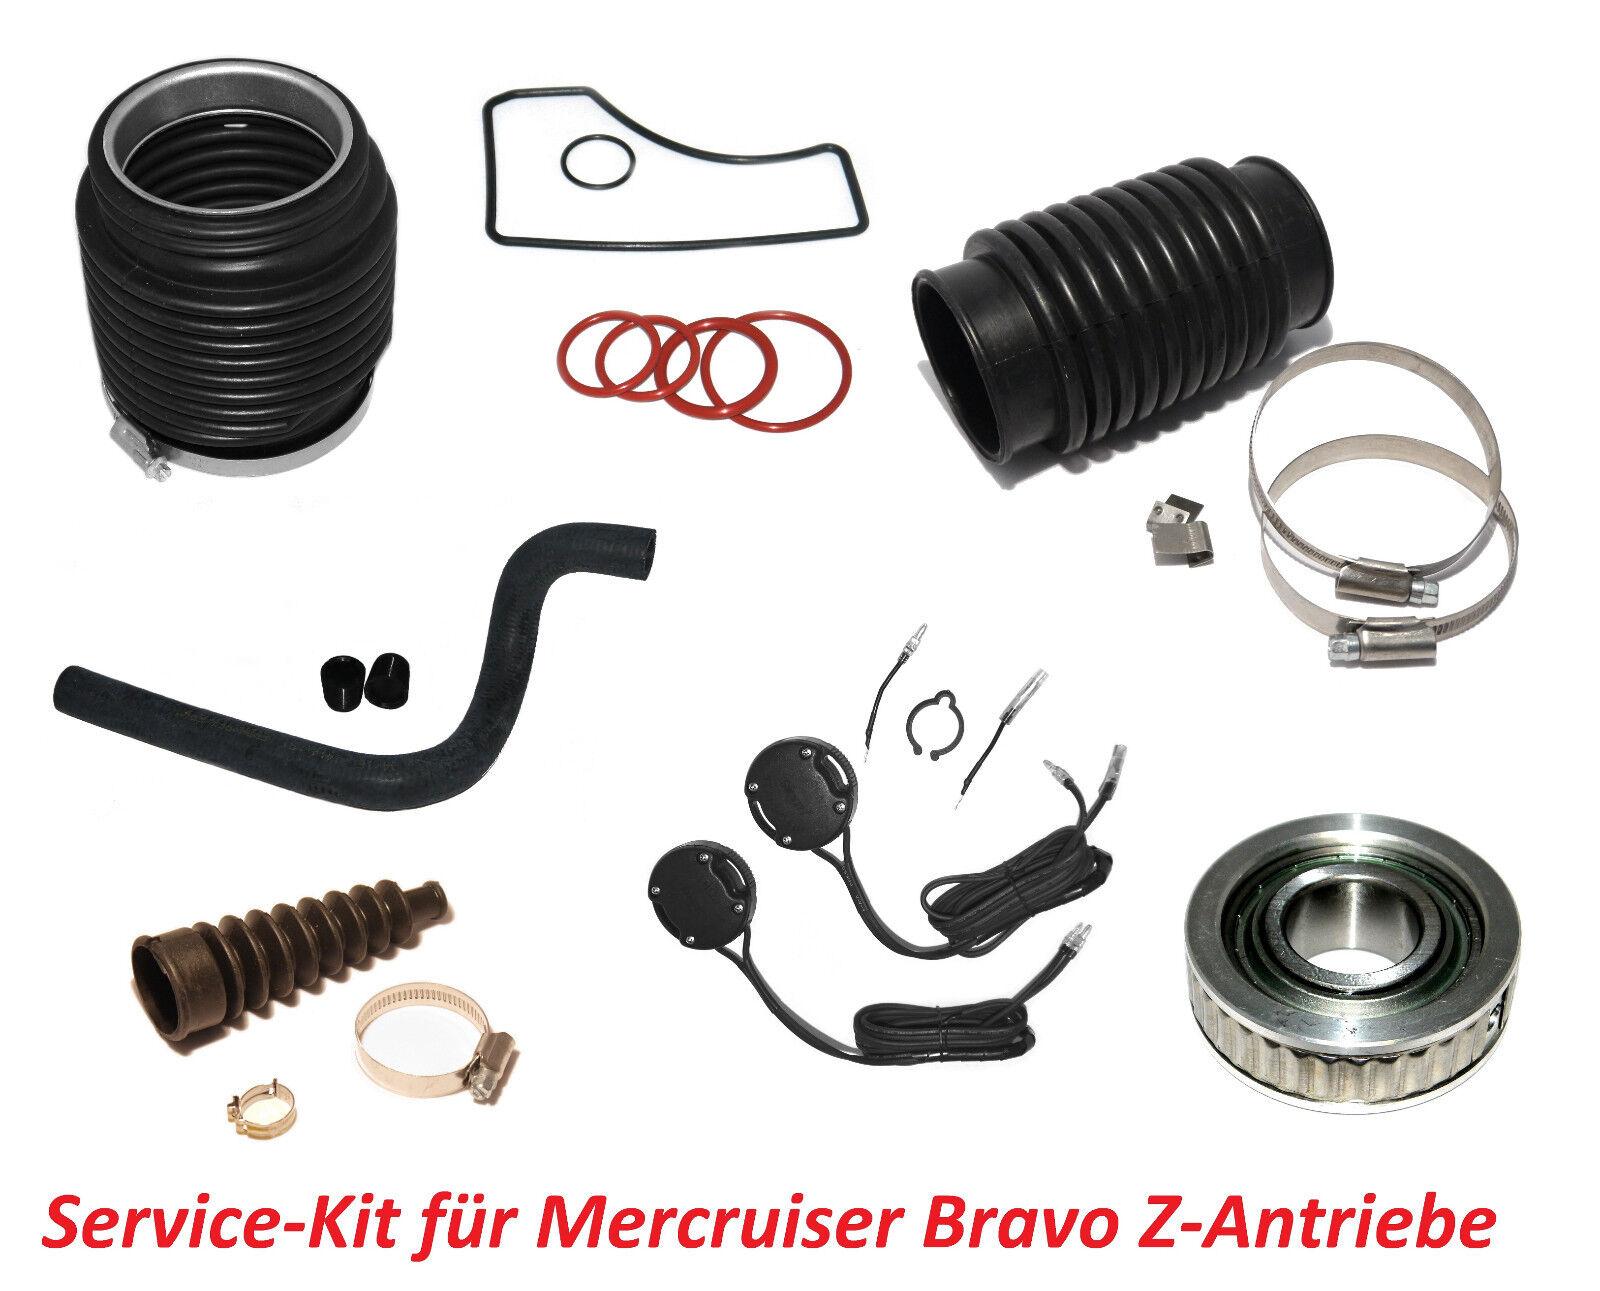 Service-Kit Mercruiser Bravo Z-Antriebe Gimbal Lager Trimgeber Innenborder OEM